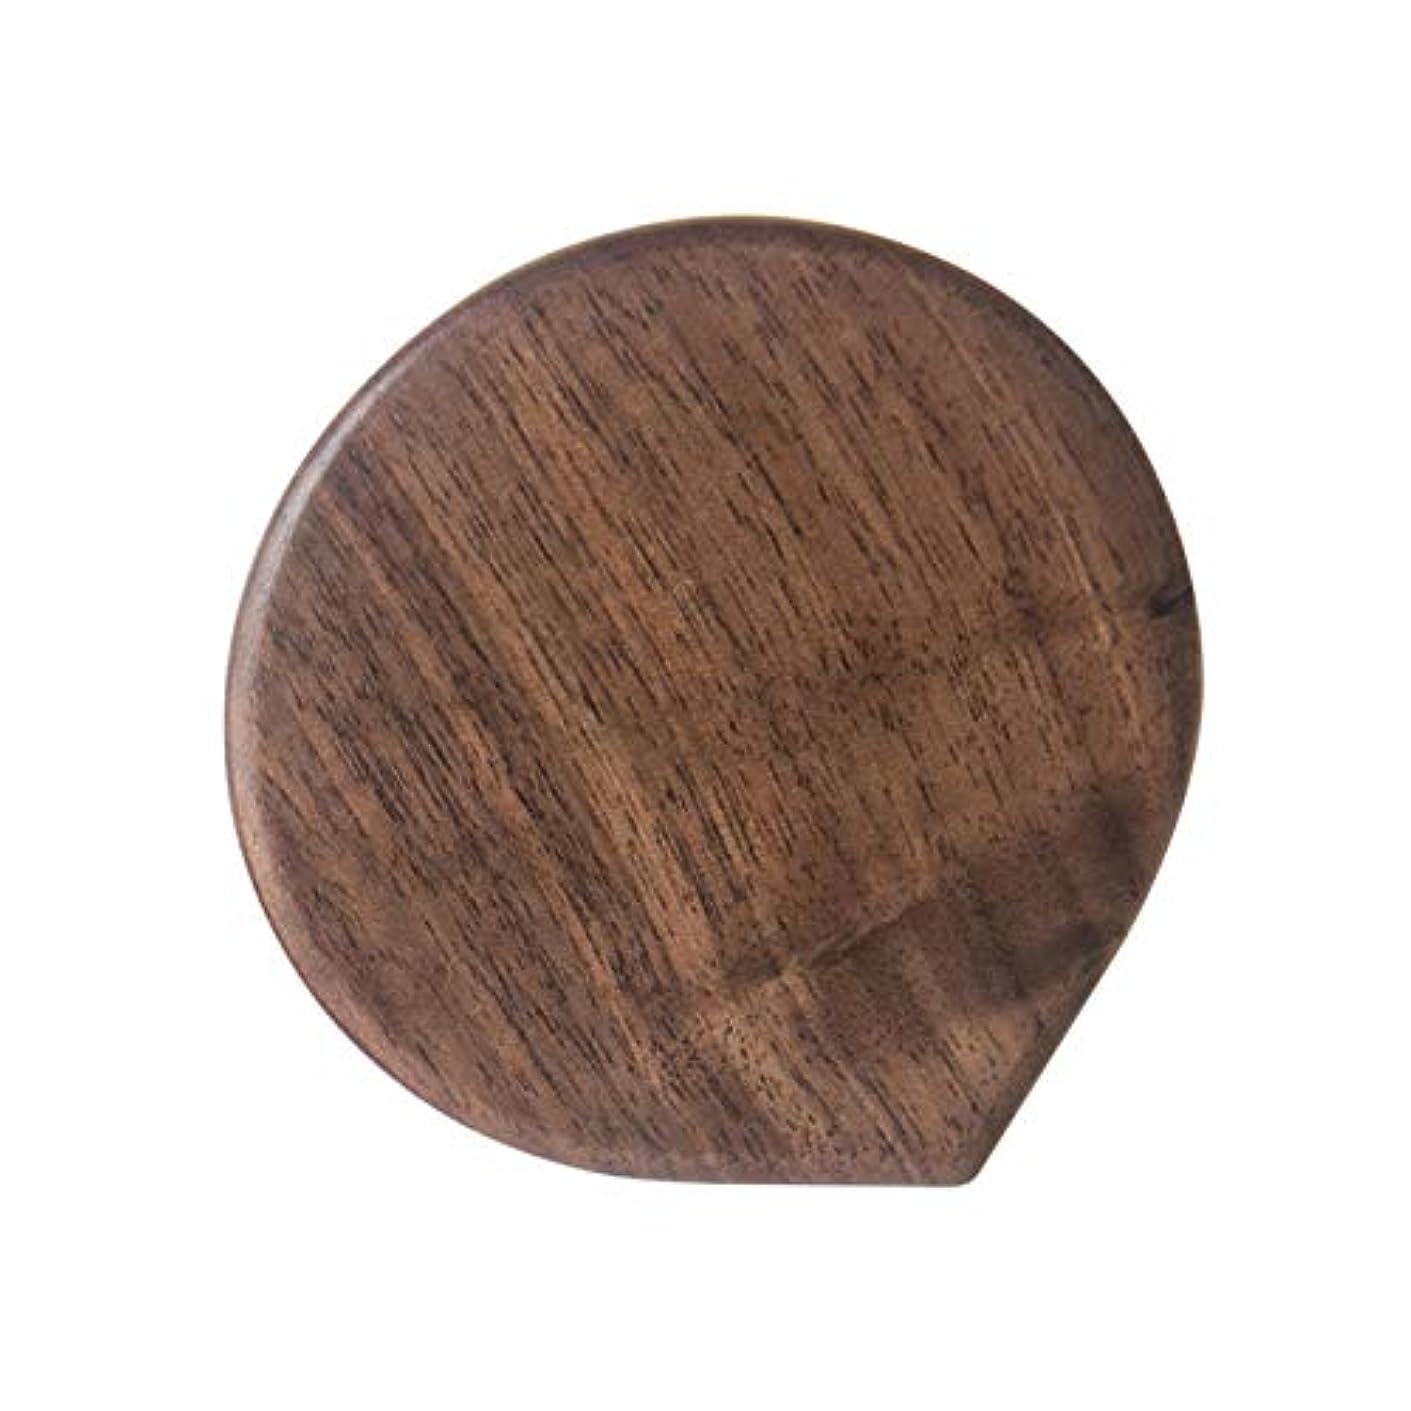 シーケンス農業近代化する手鏡 ミニミラー 化粧鏡 携帯ミラー コンパクト鏡 コンパクトミラー 木製 旅行用 持ち運び便利 おしゃれ コンパクトミラー 化粧ミラー 拡大鏡付 (A05)